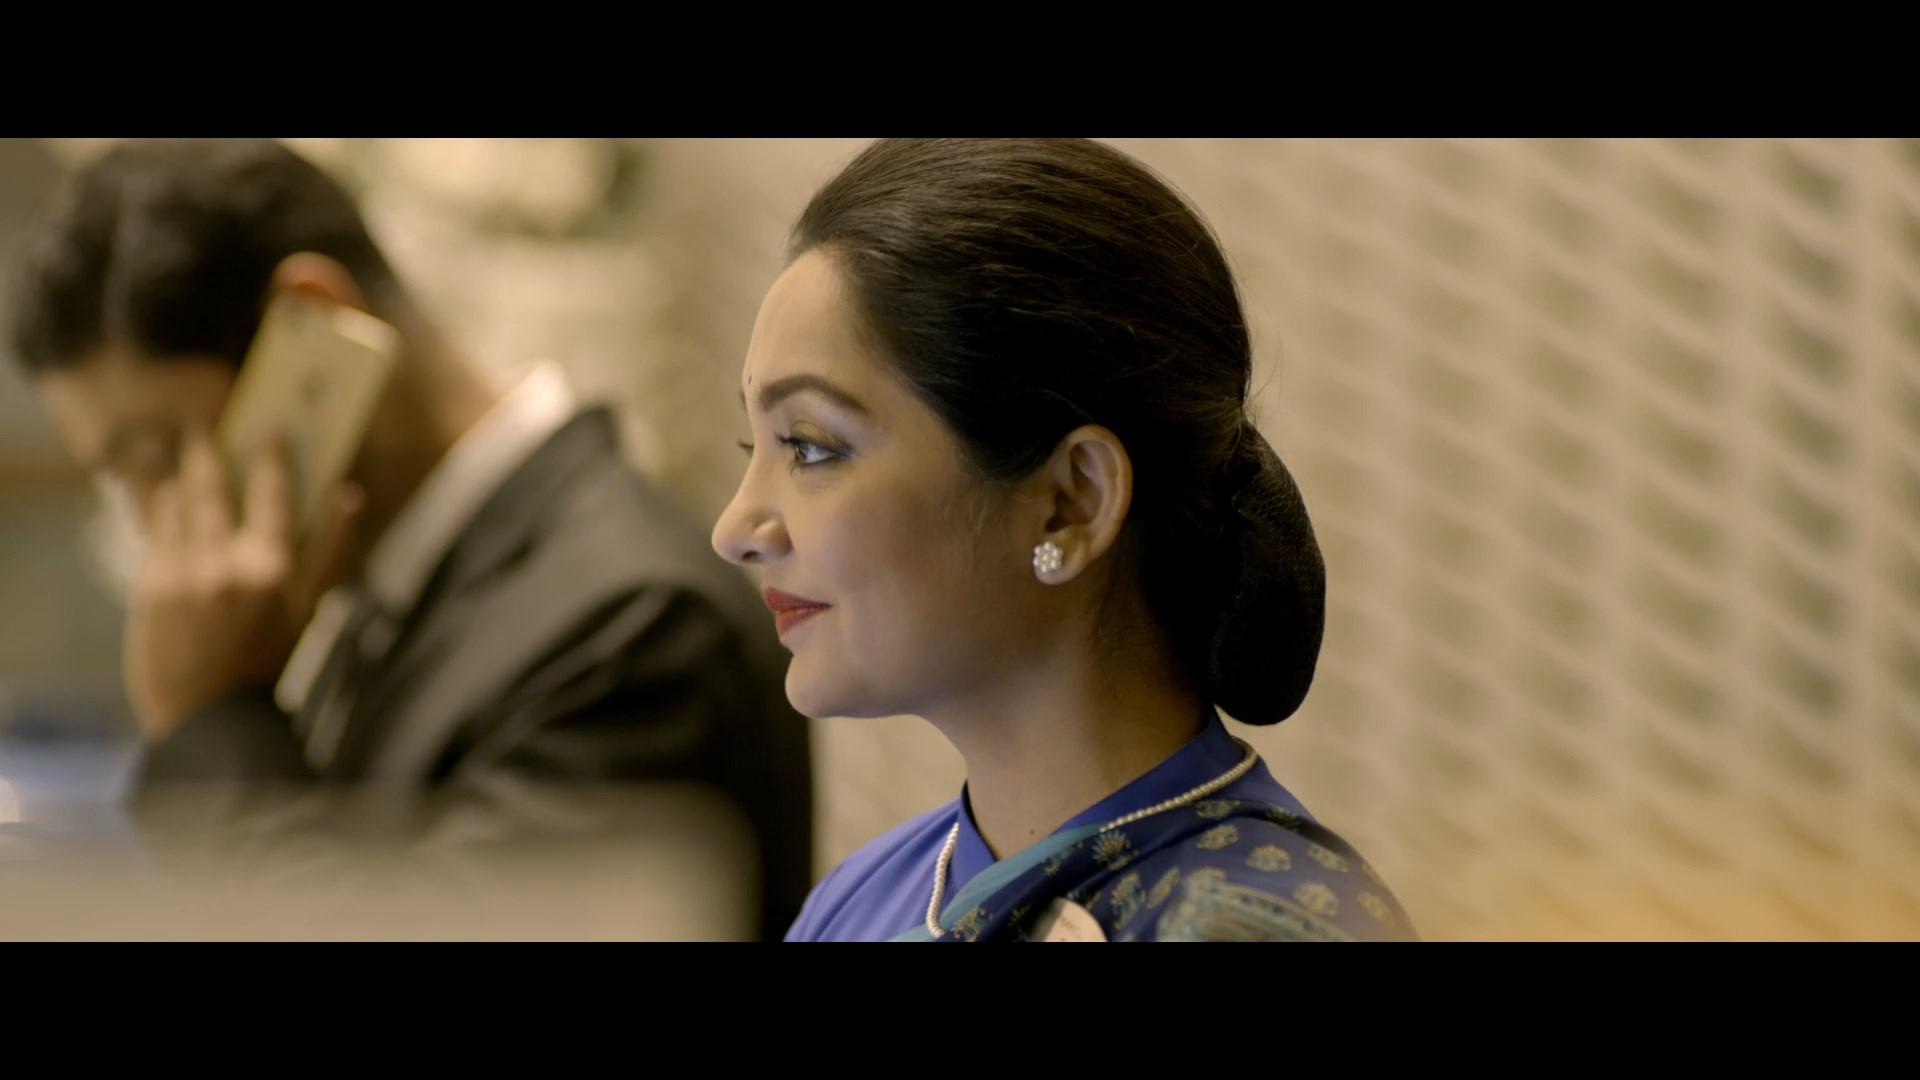 Tarikh 2021 Bengali Movie.mp4 snapshot 01.41.37.533